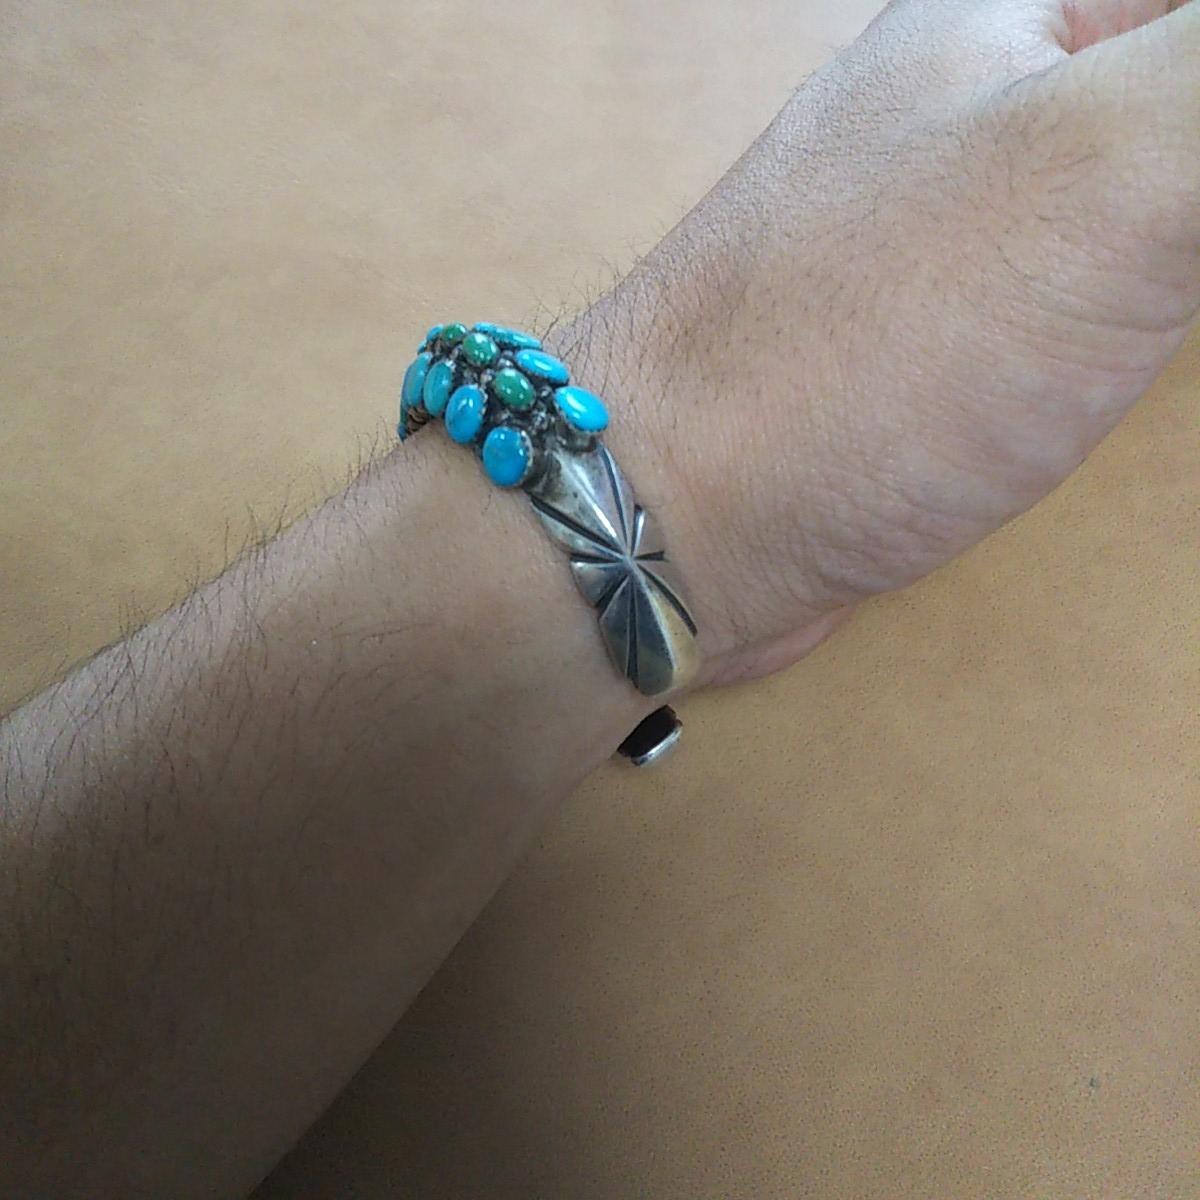 インディアンジュエリー ナバホ族 T sterling ターコイズ クラスター シルバーバングル♯ネイティブアメリカン ホピ族 ズニ族 silver925_画像7